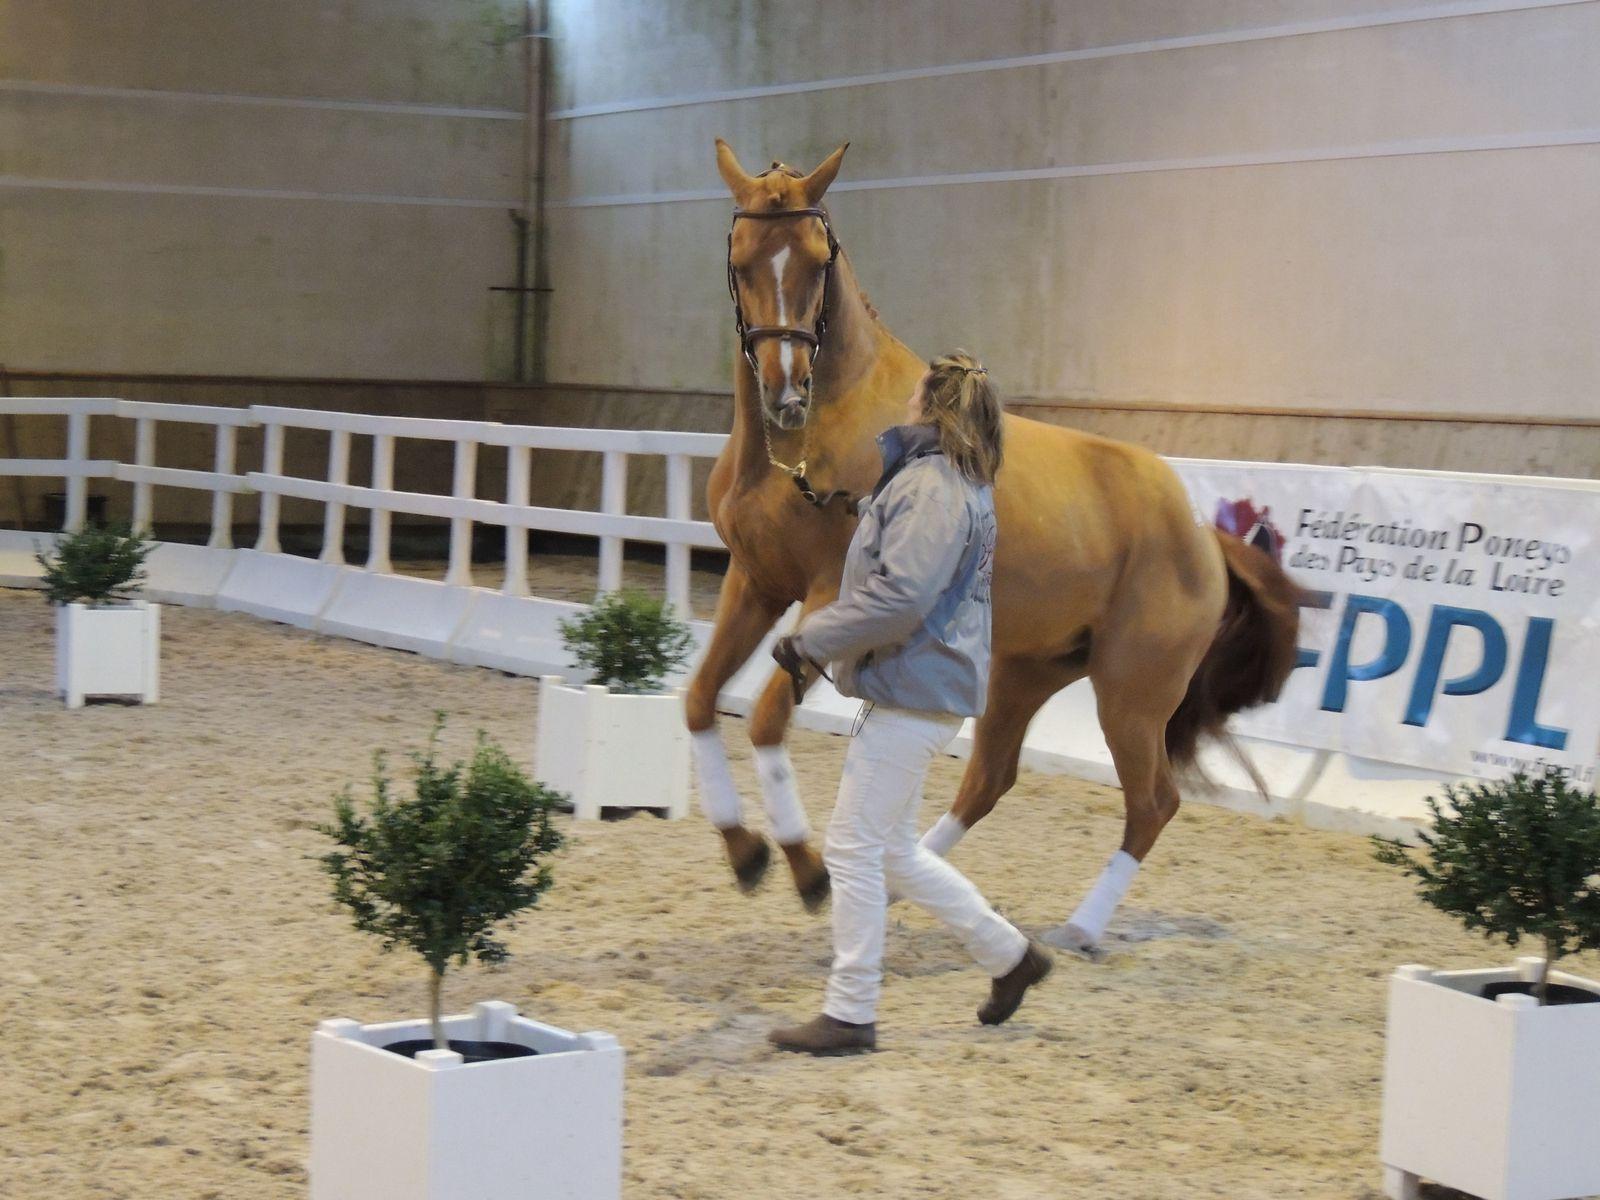 Poney en présentation d'étalon. Image soumise à droits d'auteurs. Techniques d'élevage. Nantes